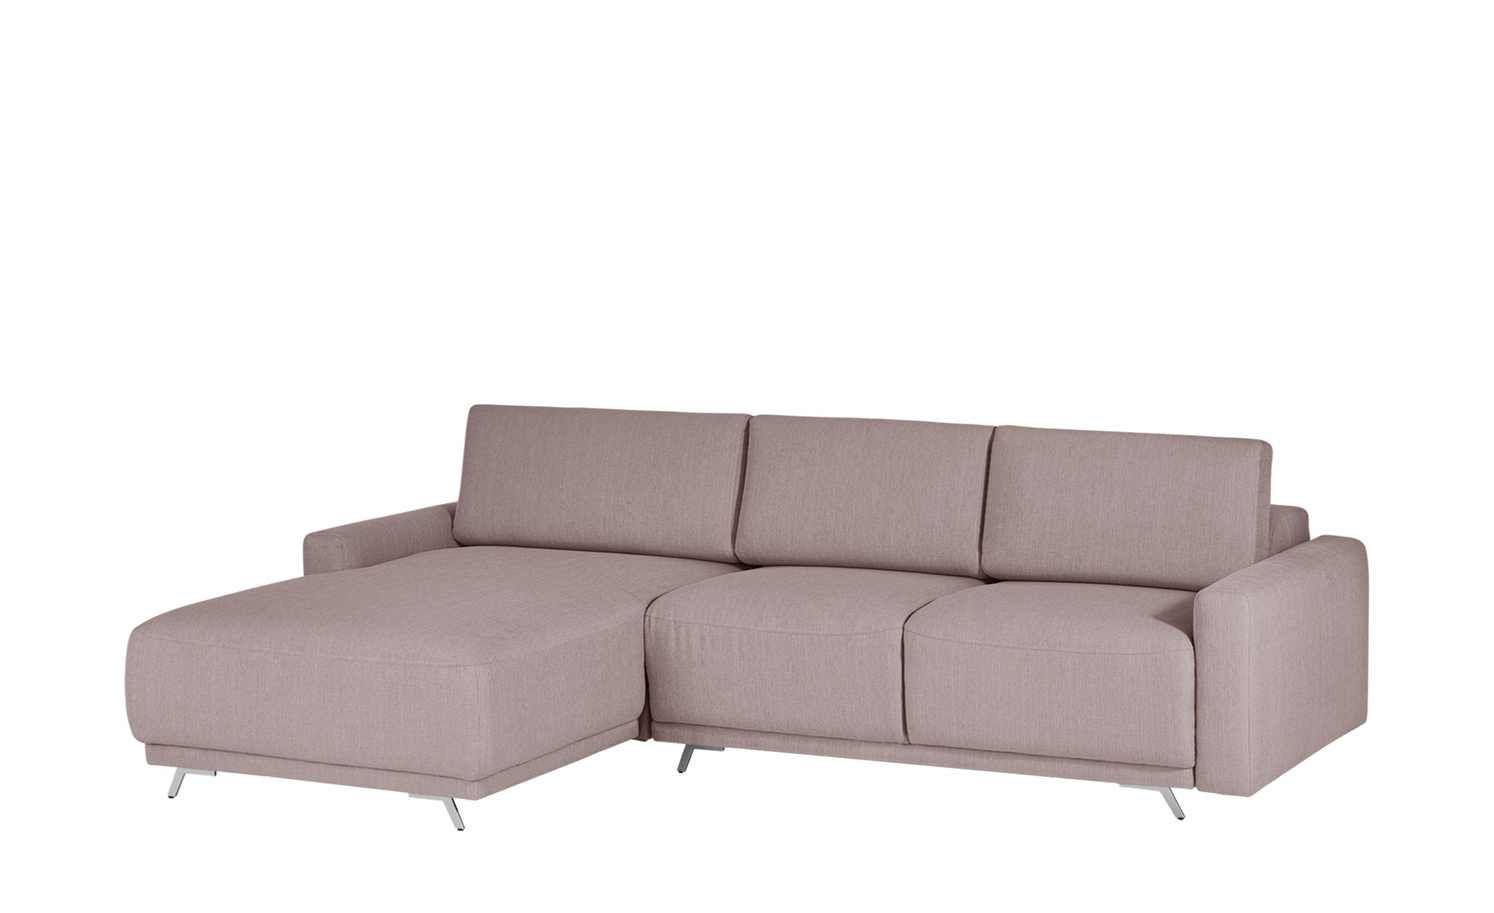 #couch #wohnzimmer 1900€ switch Ecksofa | beige, links ...